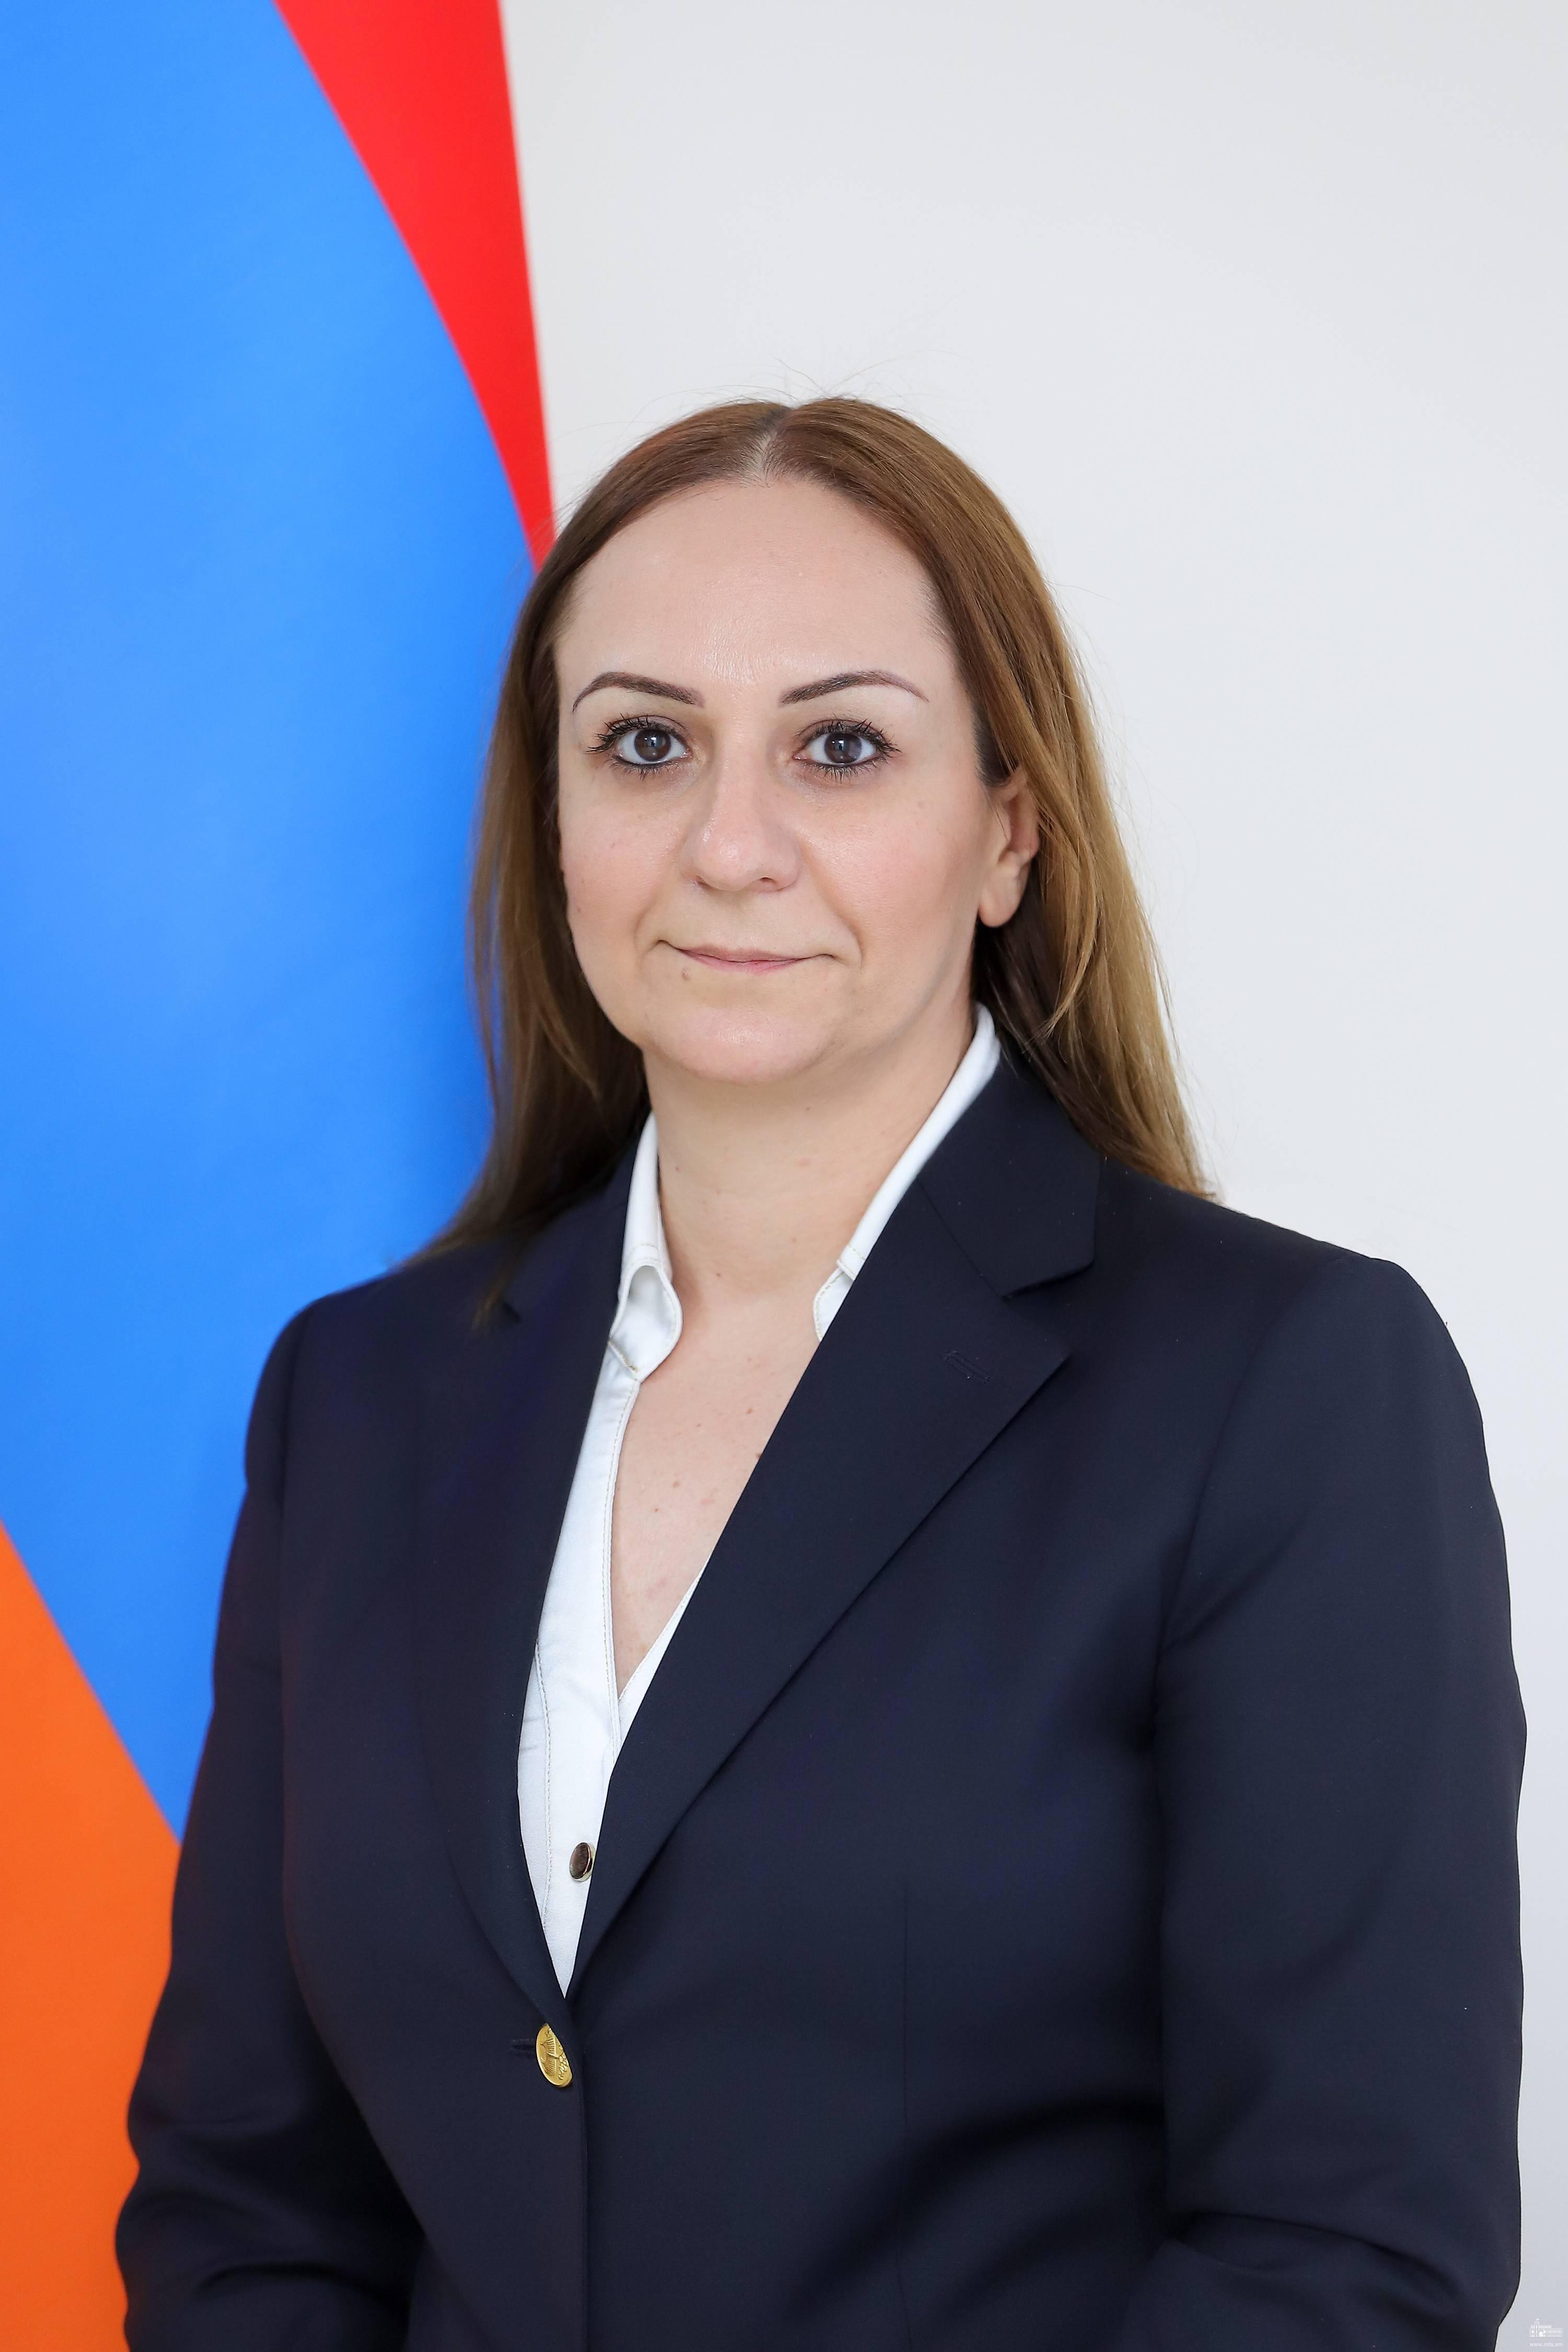 Photo of ՀՀ նախագահի հրամանագրով Արմելլա Շաքարյանը Մեքսիկայի Միացյալ Նահանգներում նշանակվել է ՀՀ արտակարգ և լիազոր դեսպան